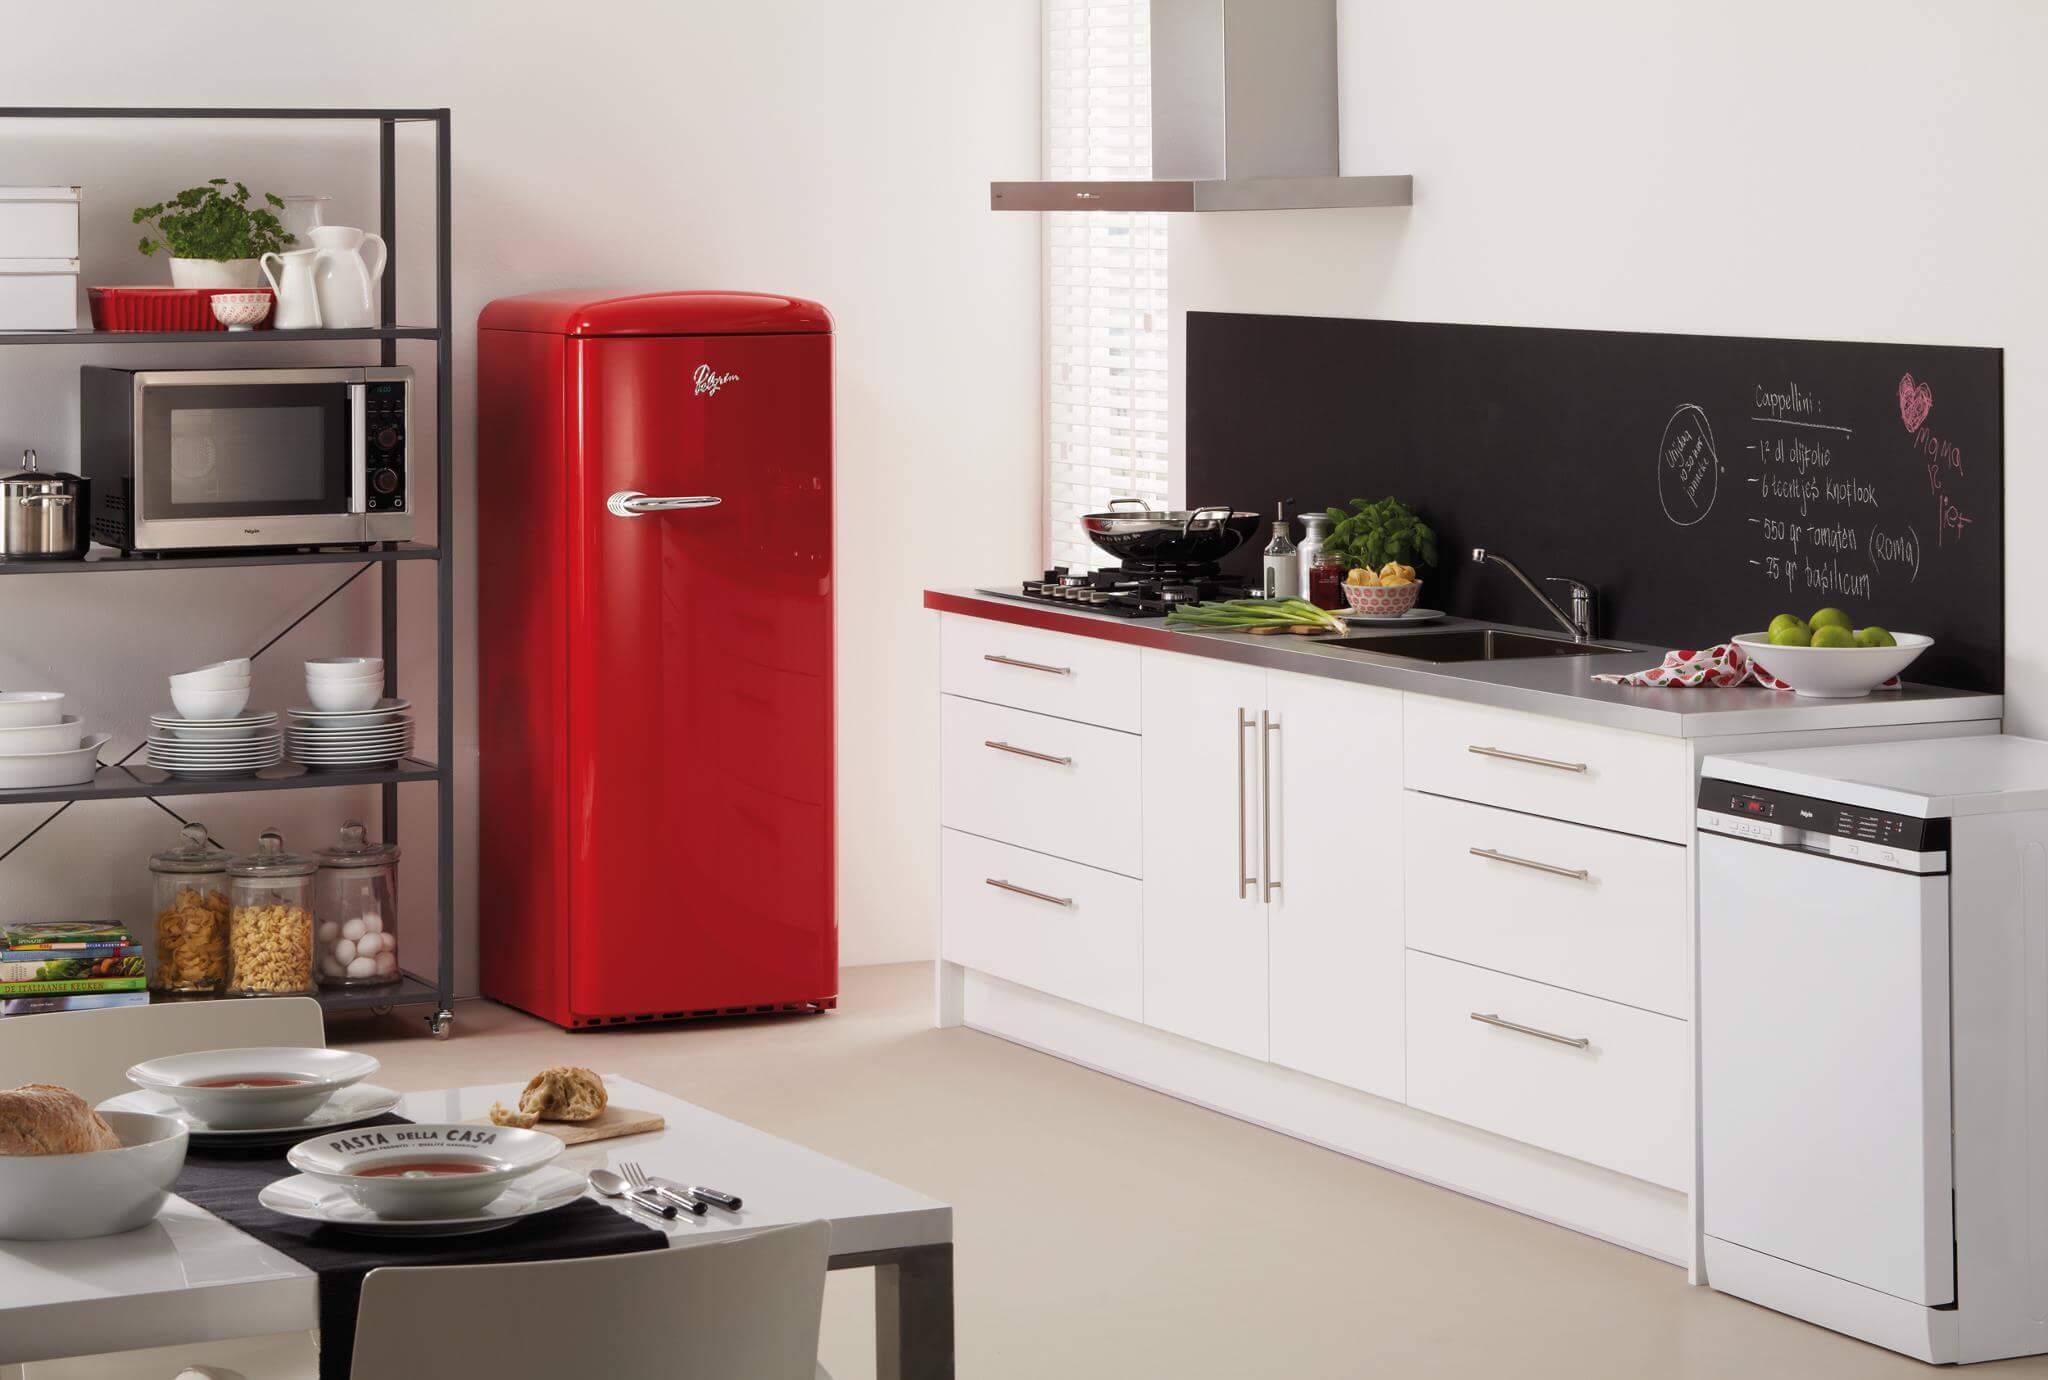 Retro koelkast Pelgrim